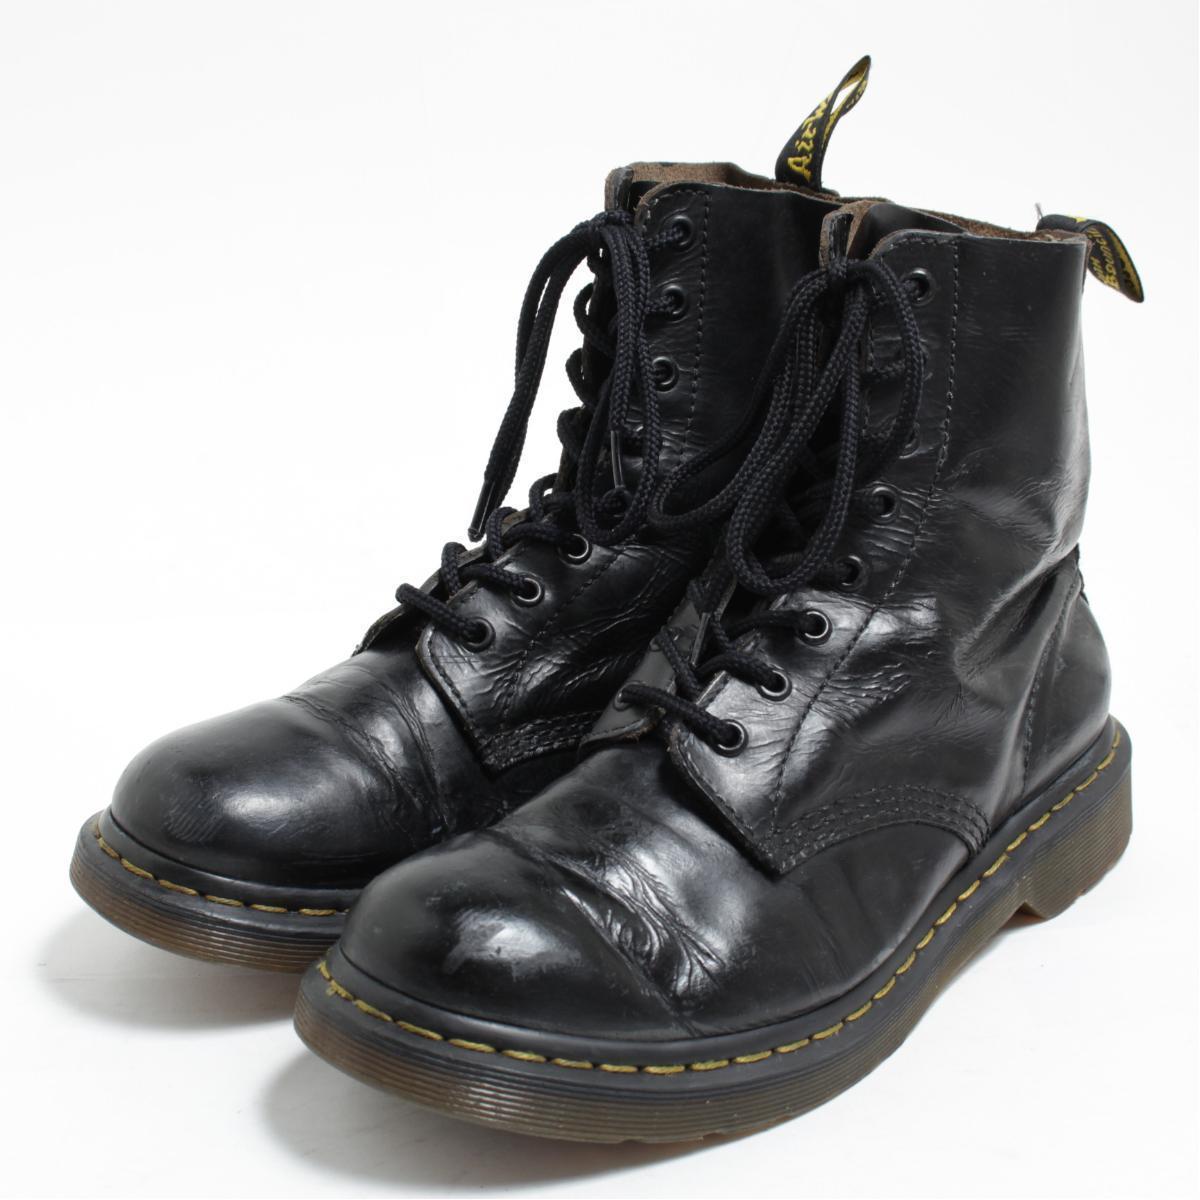 ドクターマーチン Dr.Martens 8ホールブーツ UK8 メンズ26.5cm /bol7168 【中古】 【180316】